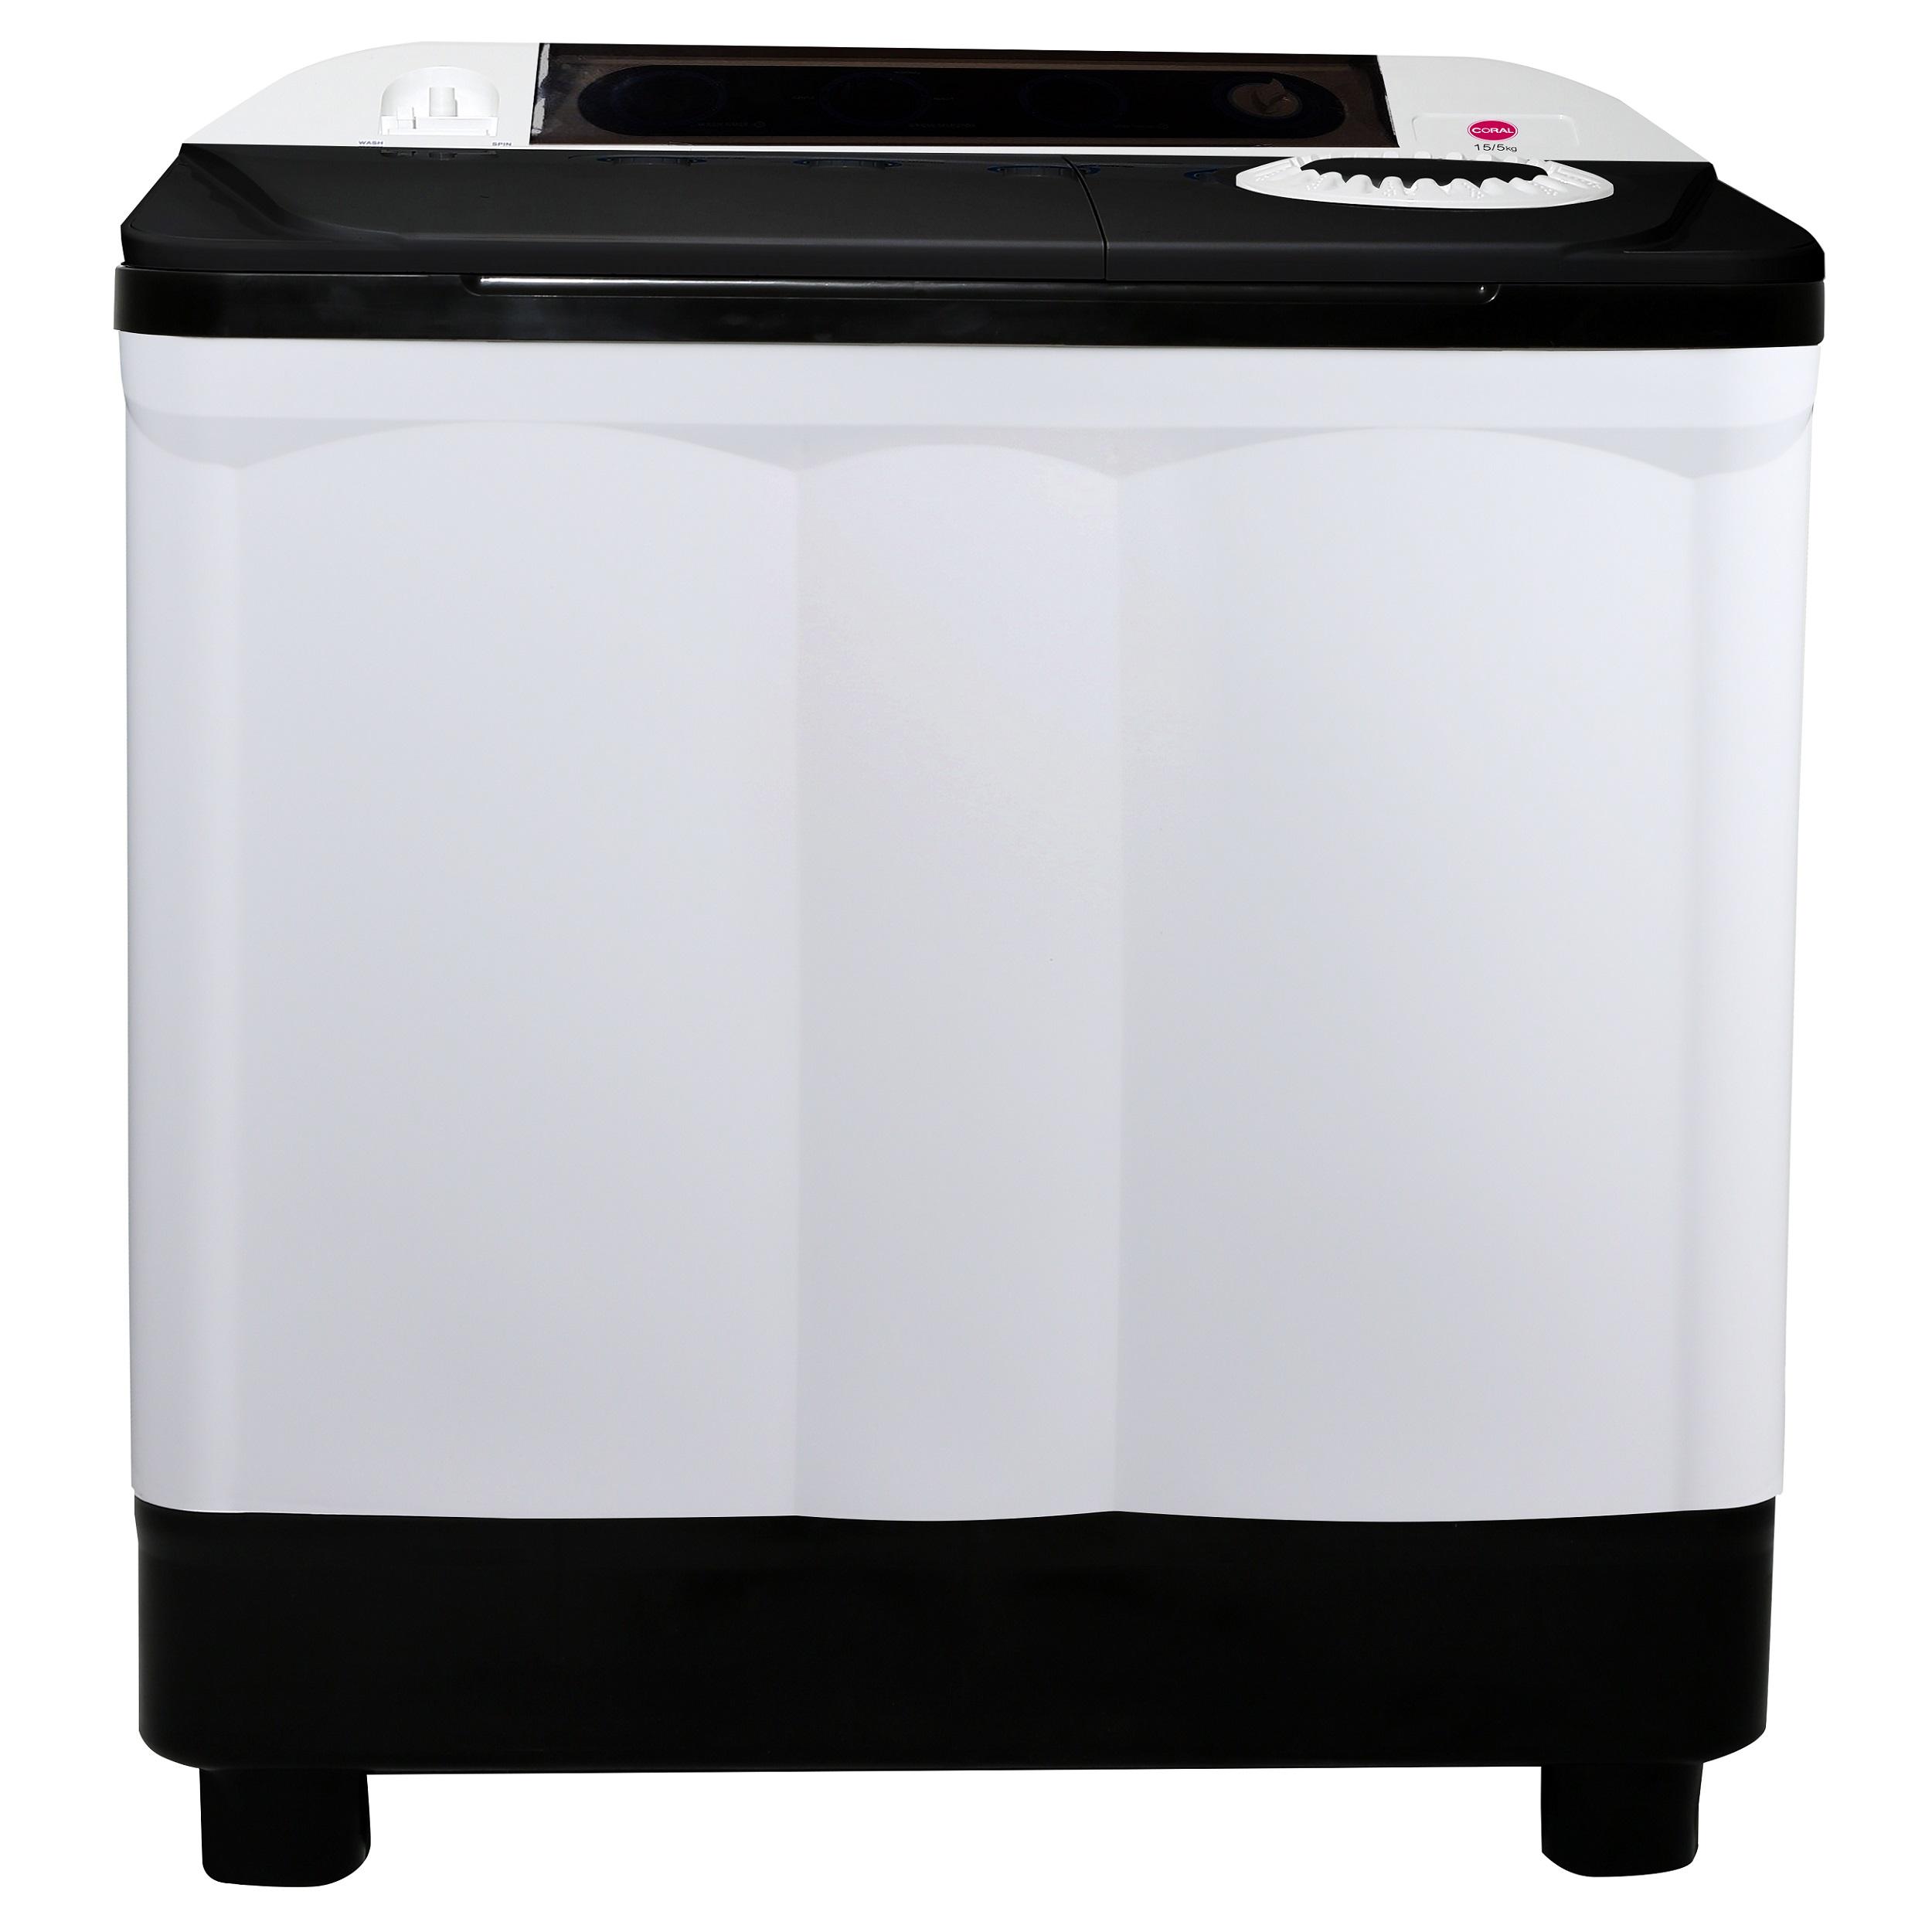 ماشین لباسشویی کرال مدل  TTW 15524 KJ ظرفیت 15.5 کیلوگرم